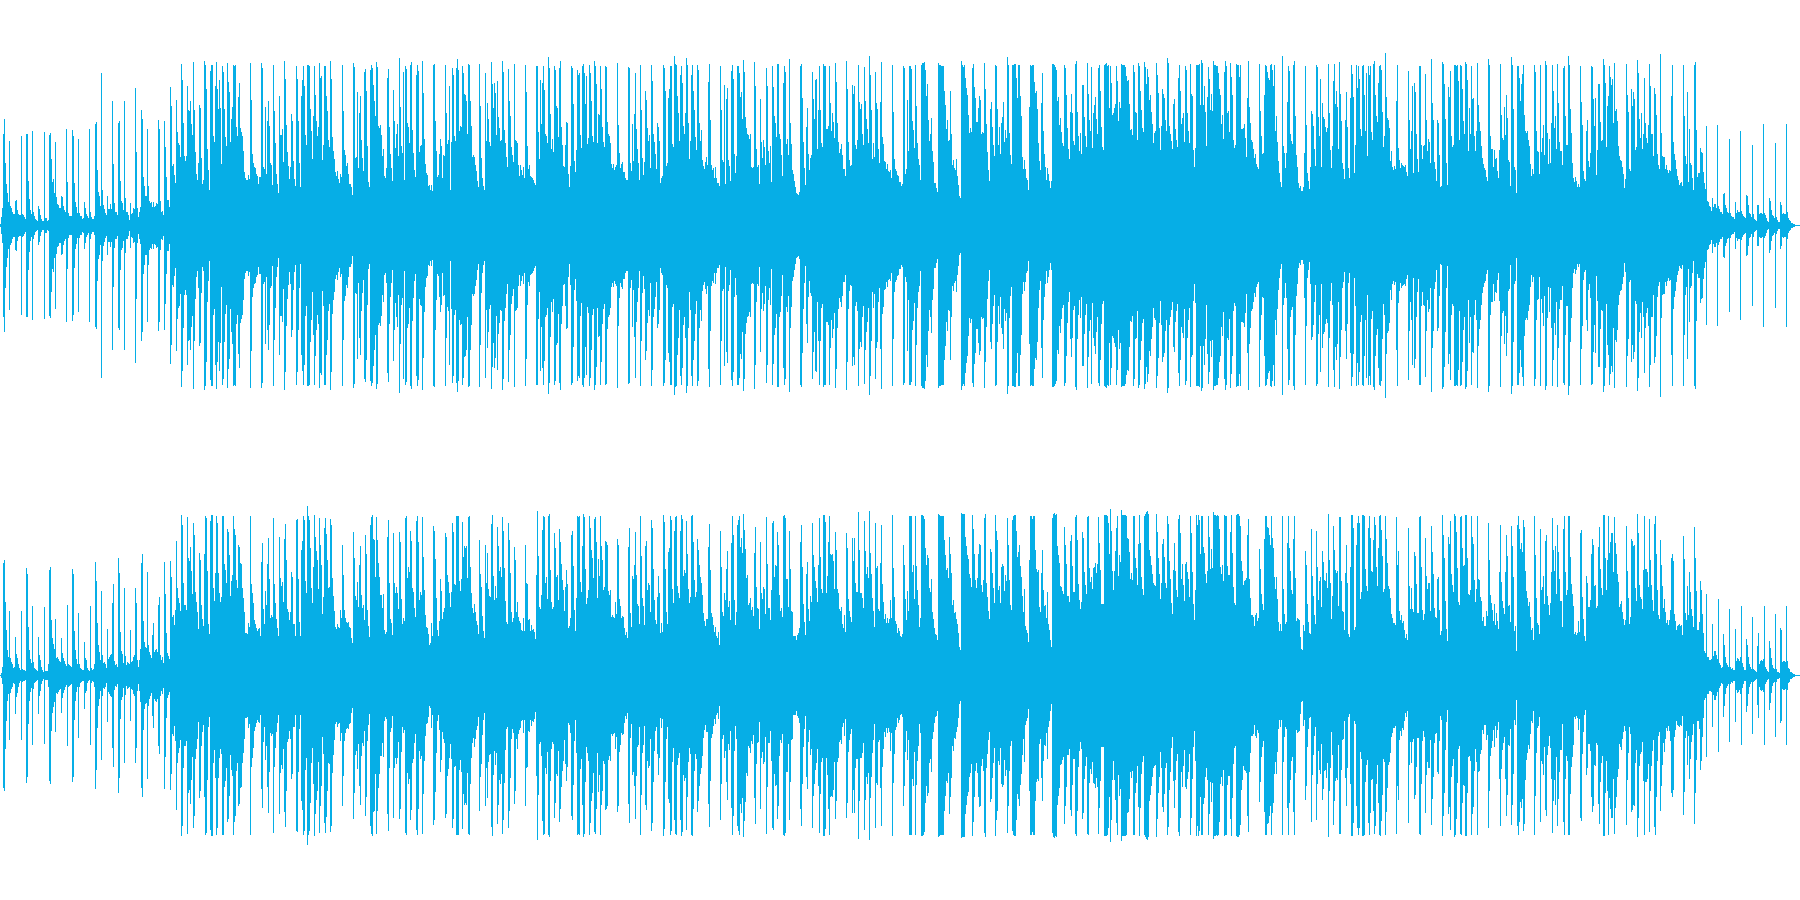 リズミカルでほのぼのとしたポップスの再生済みの波形